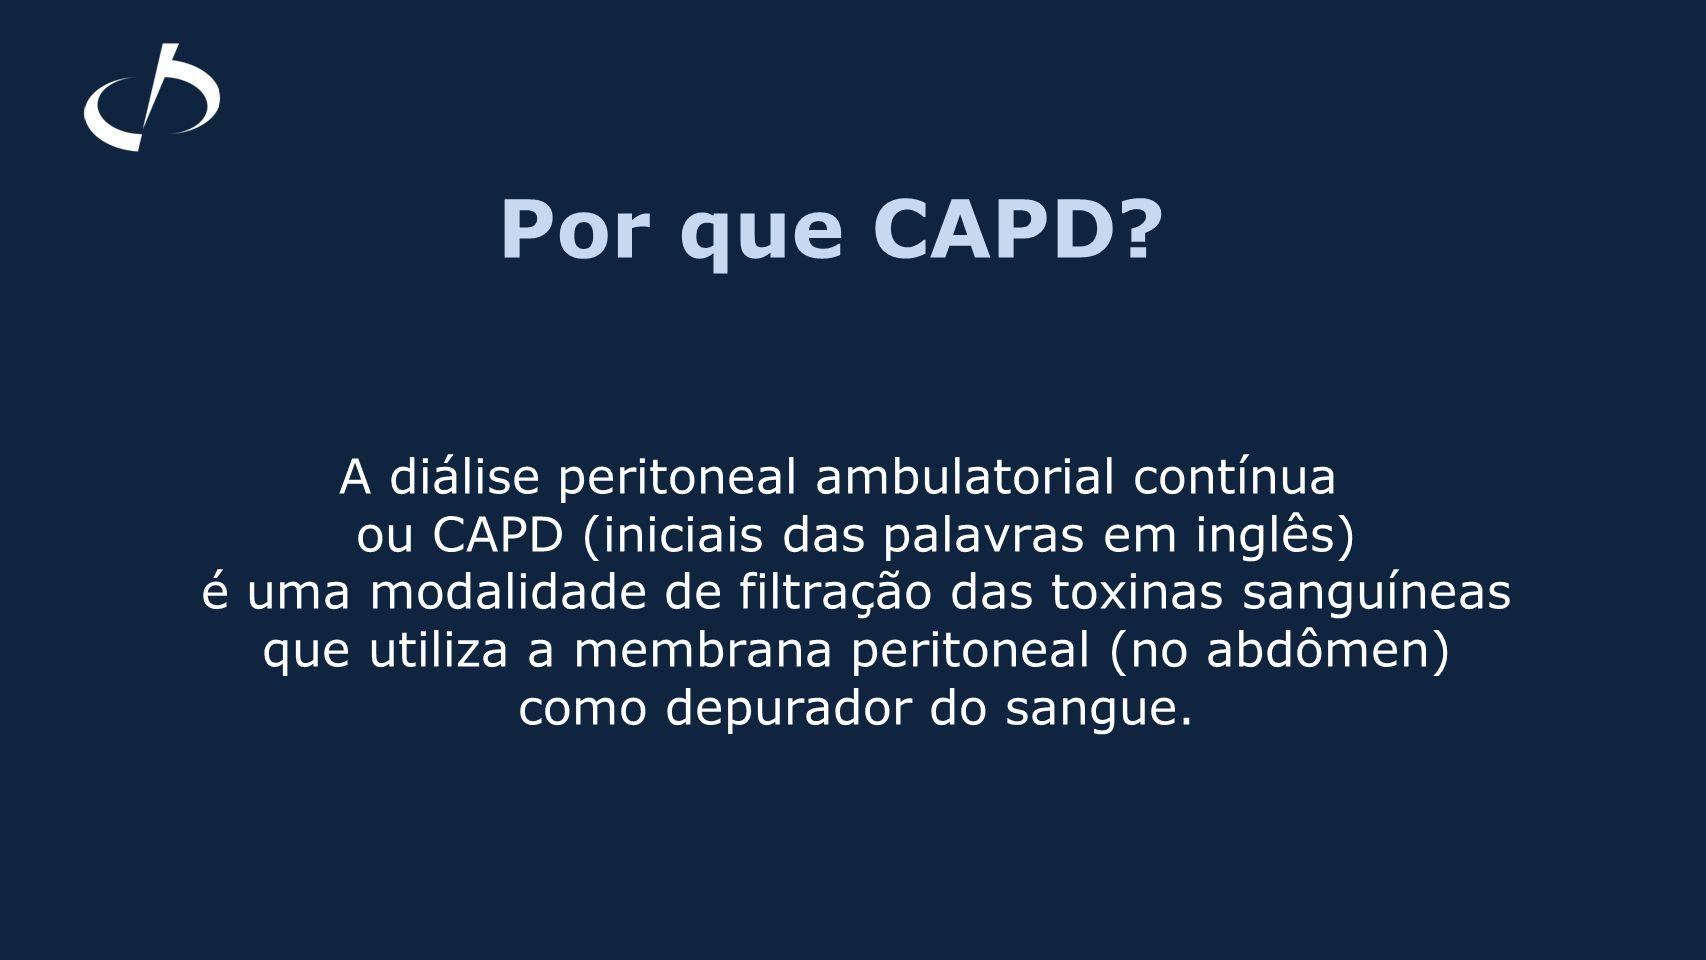 Por que CAPD